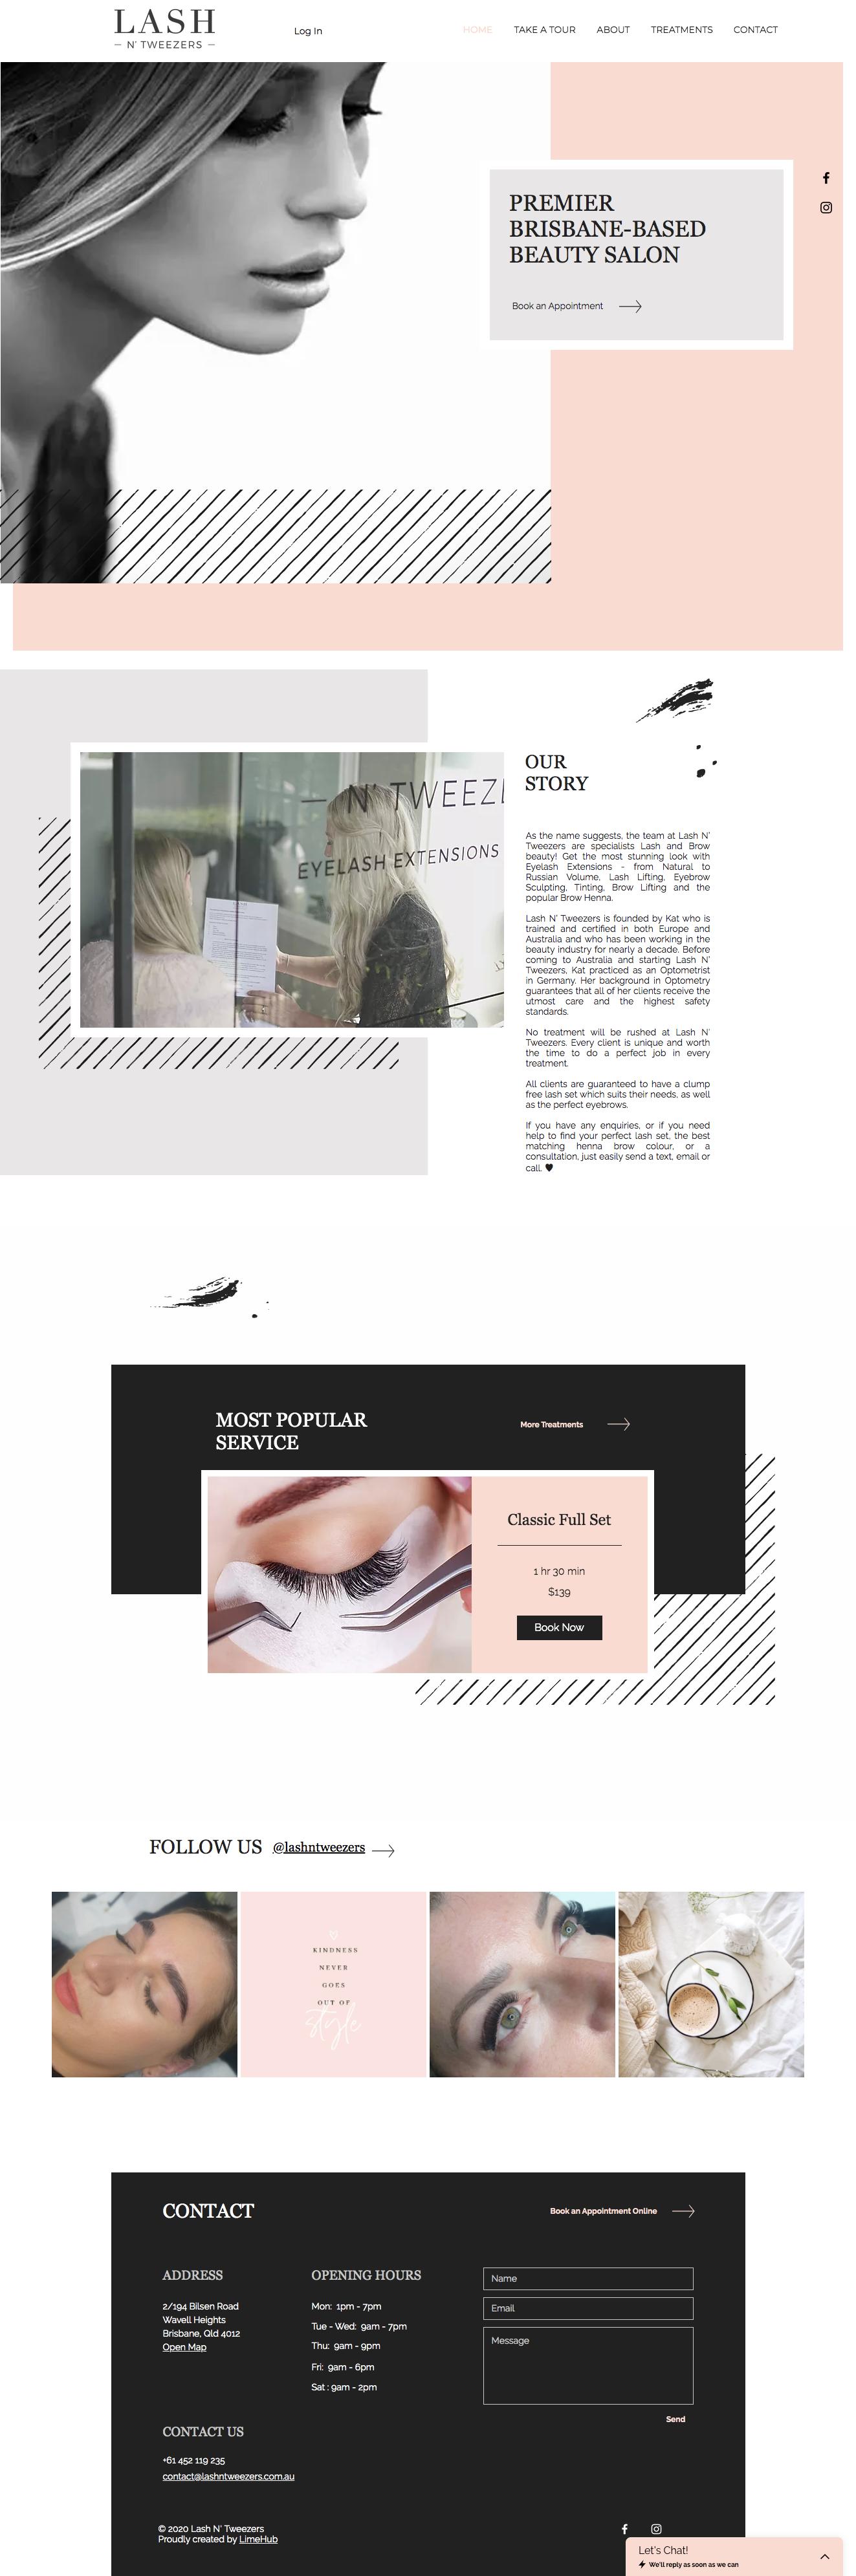 New Lash N Tweezers Home Page